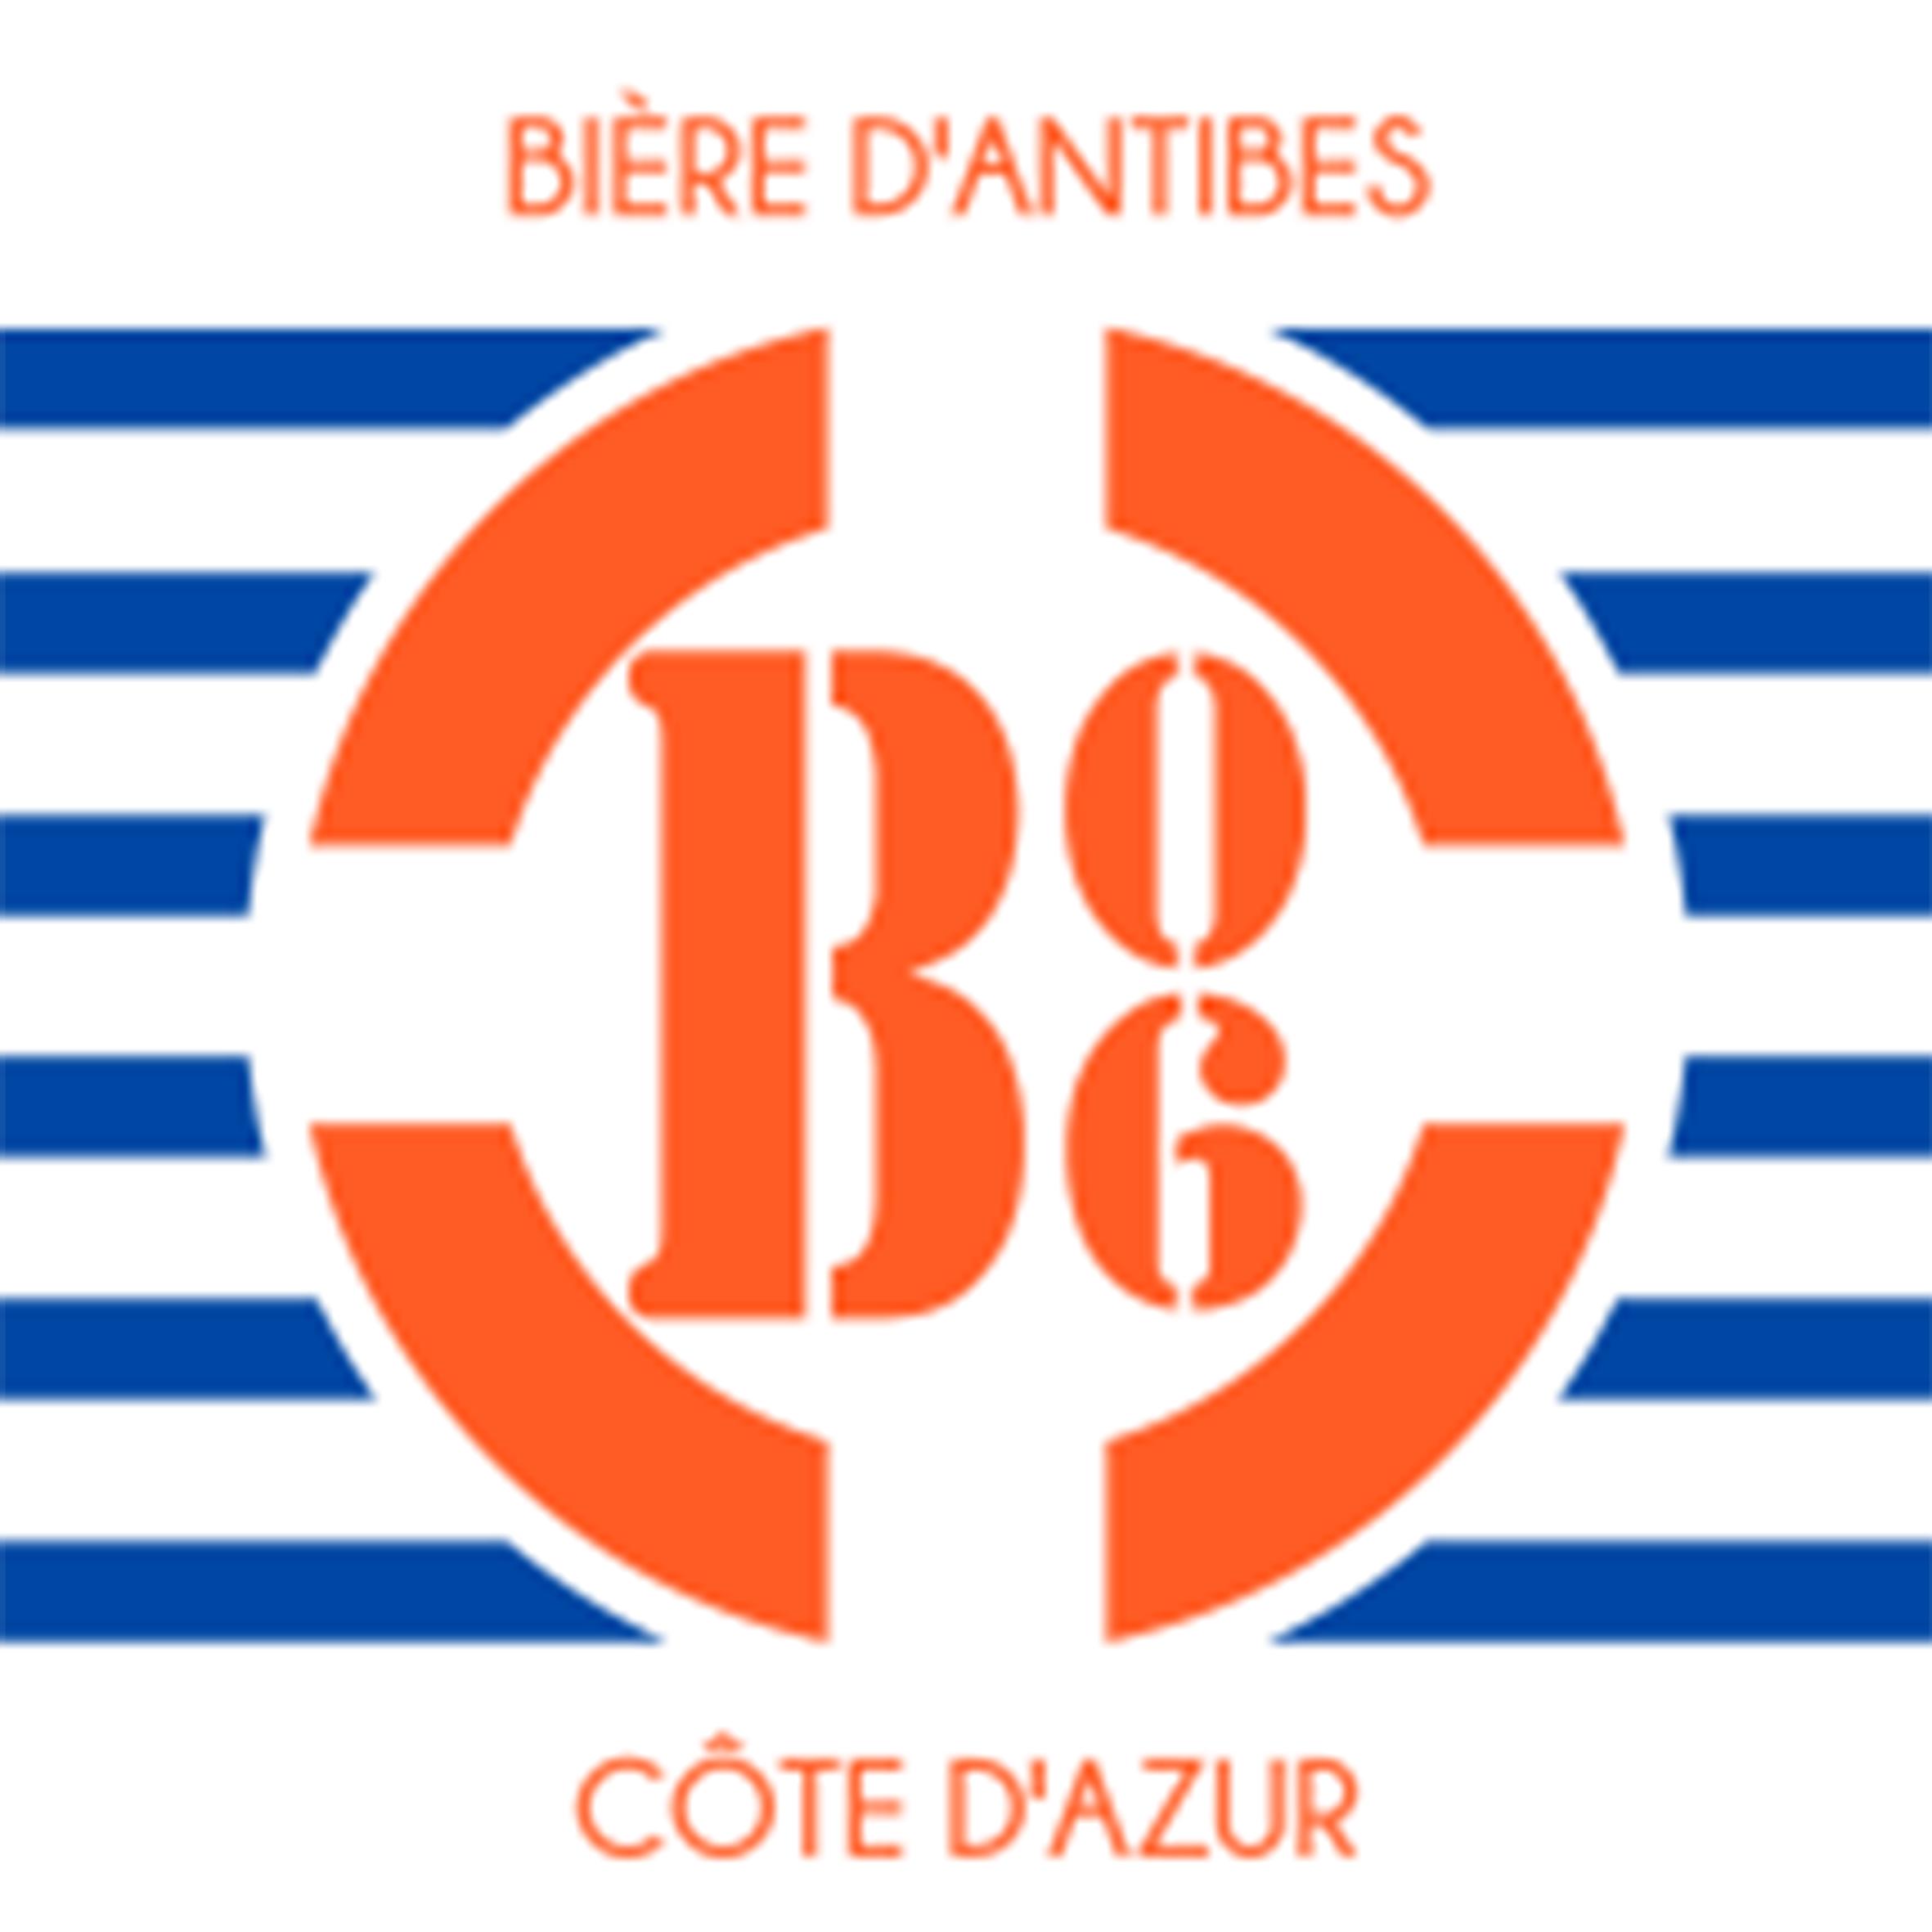 Brasserie B-06